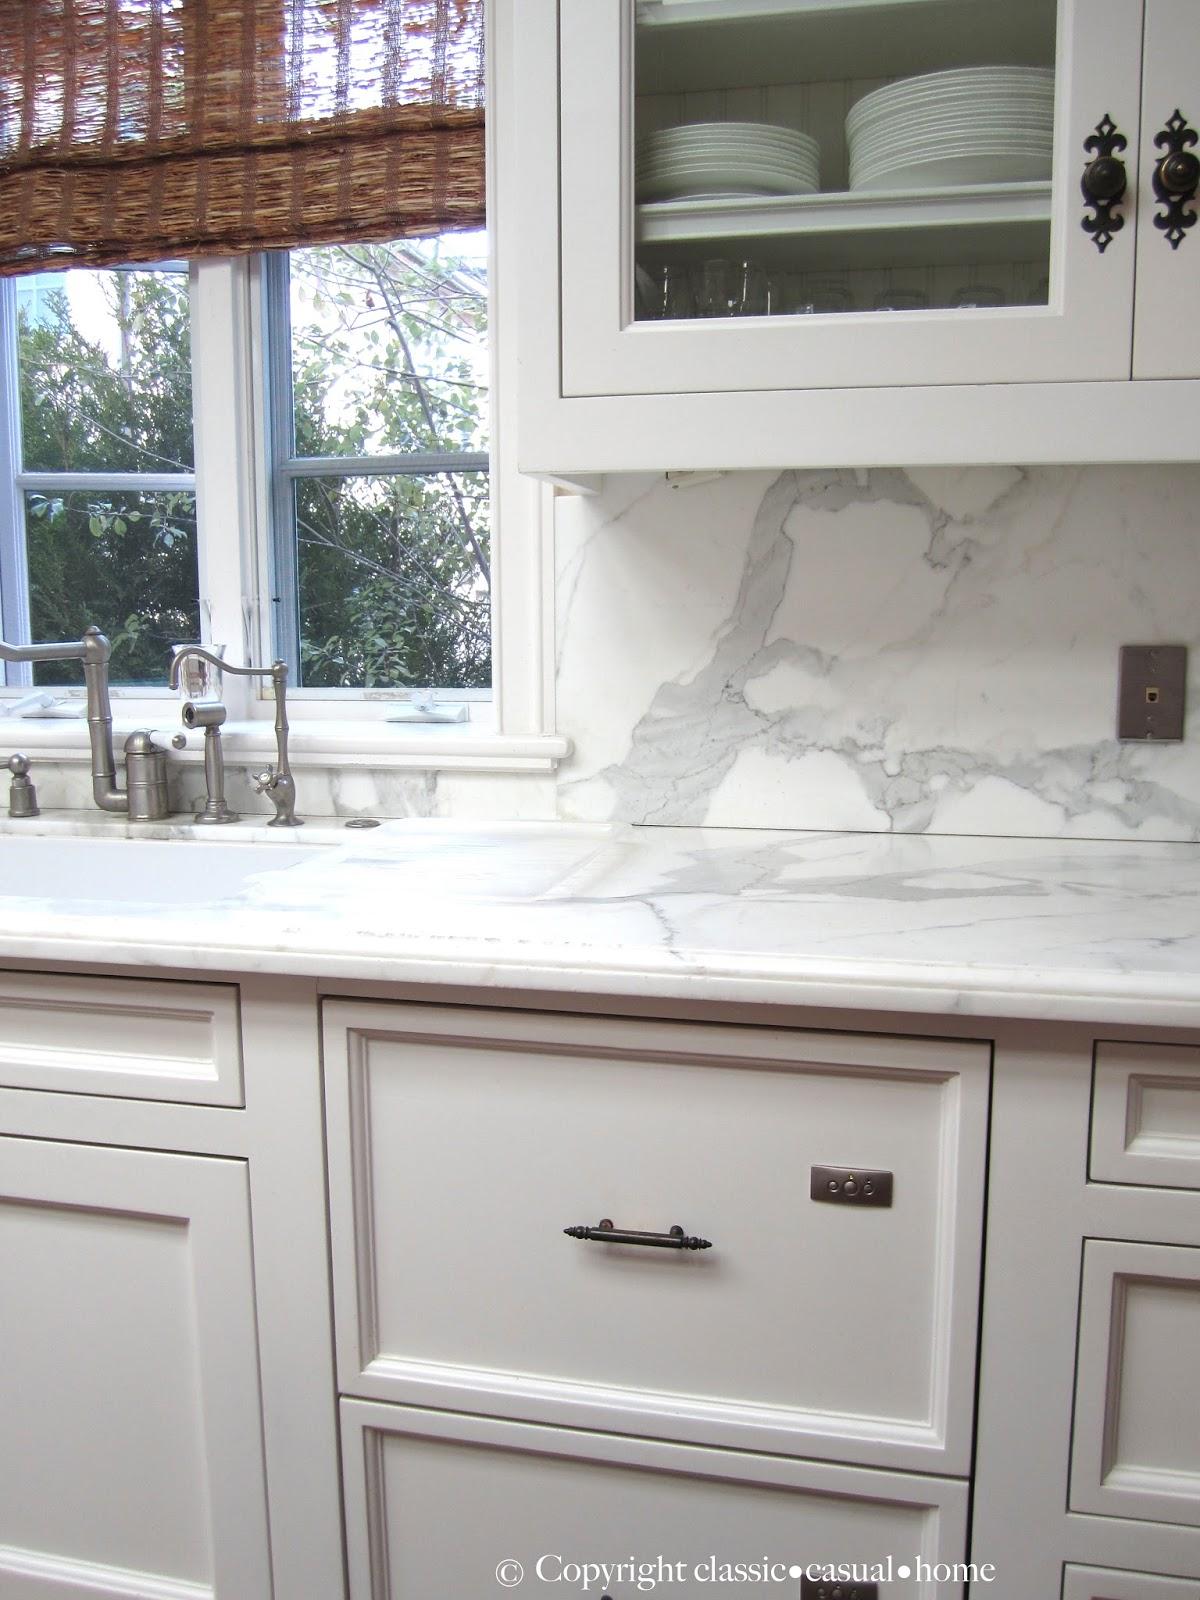 Classic White Kitchen Backsplashes - Classic Casual Home